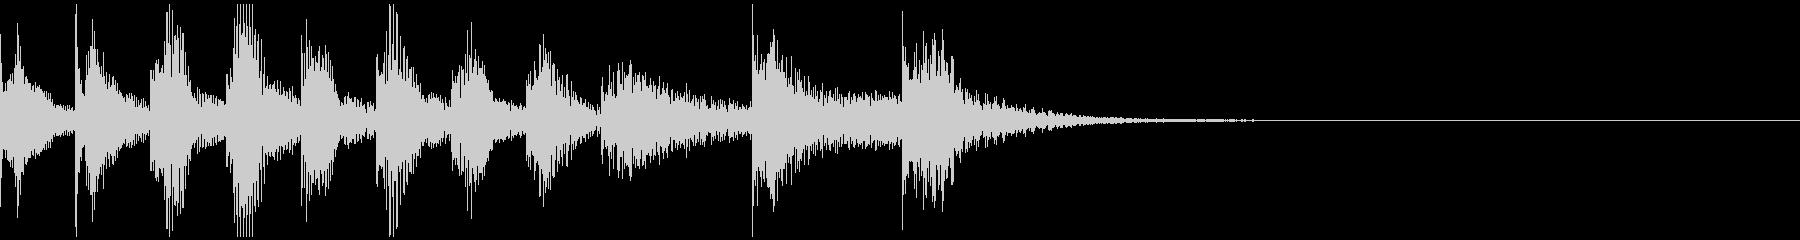 ディズニー風サウンドロゴ_2の未再生の波形